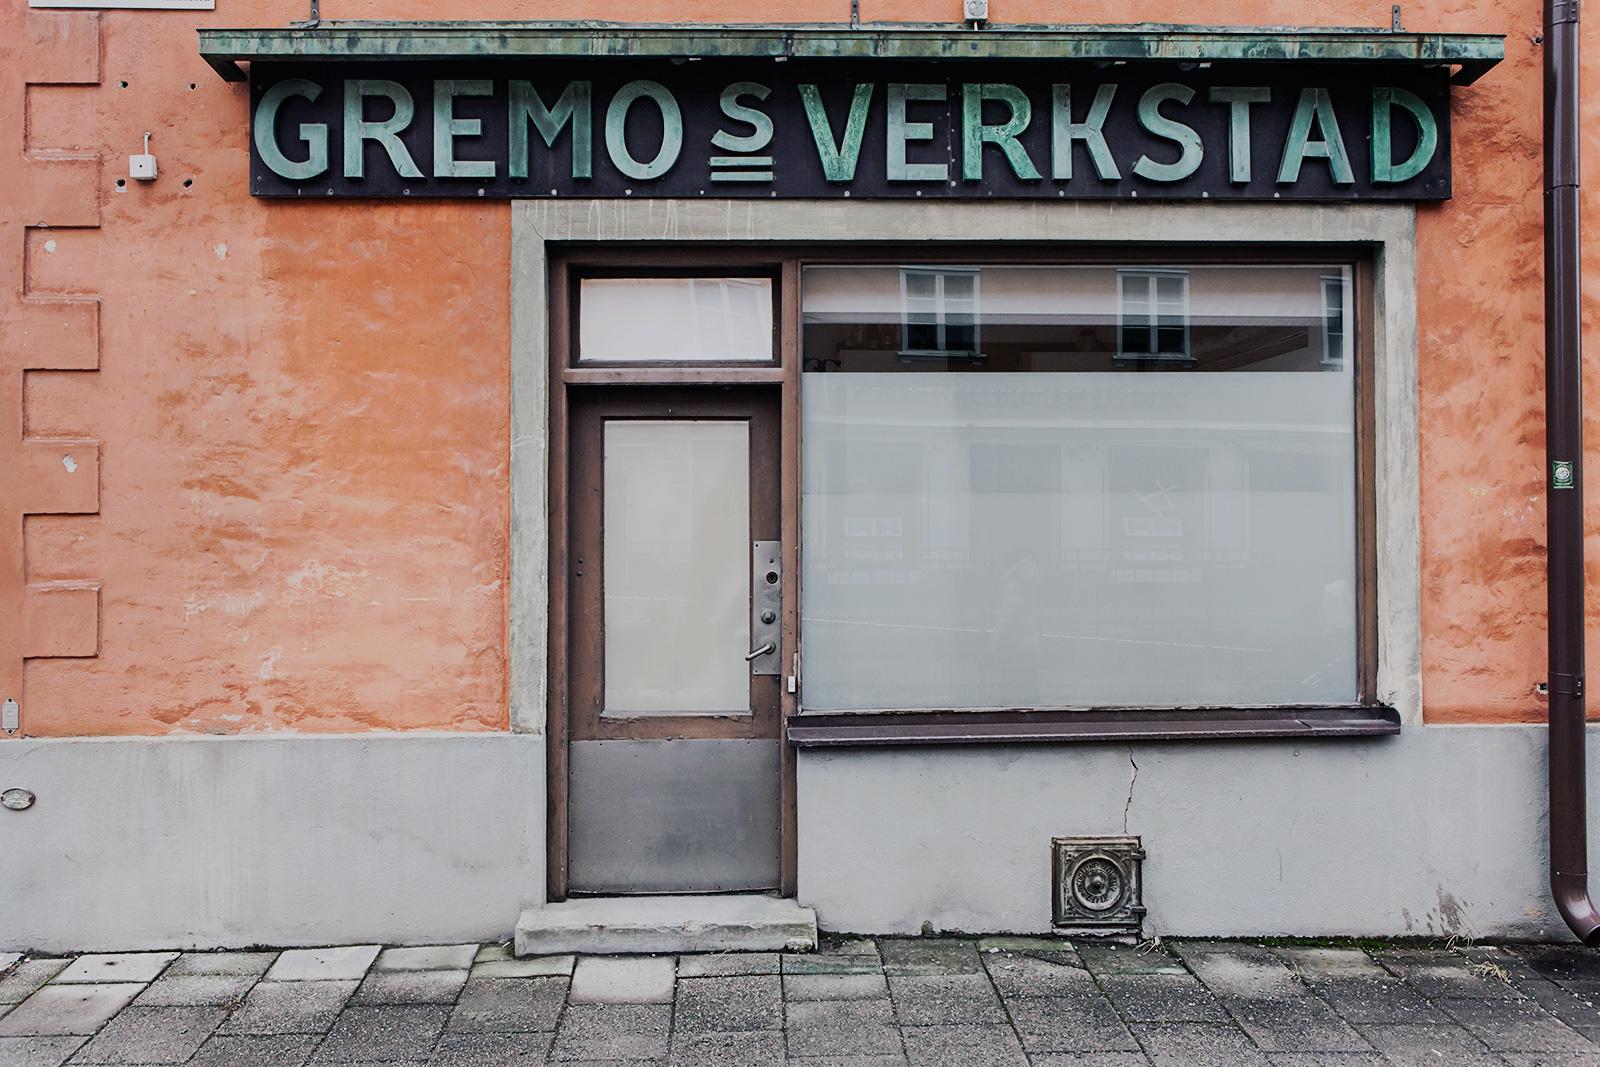 Gamla Enskede, Anna Malmberg 28